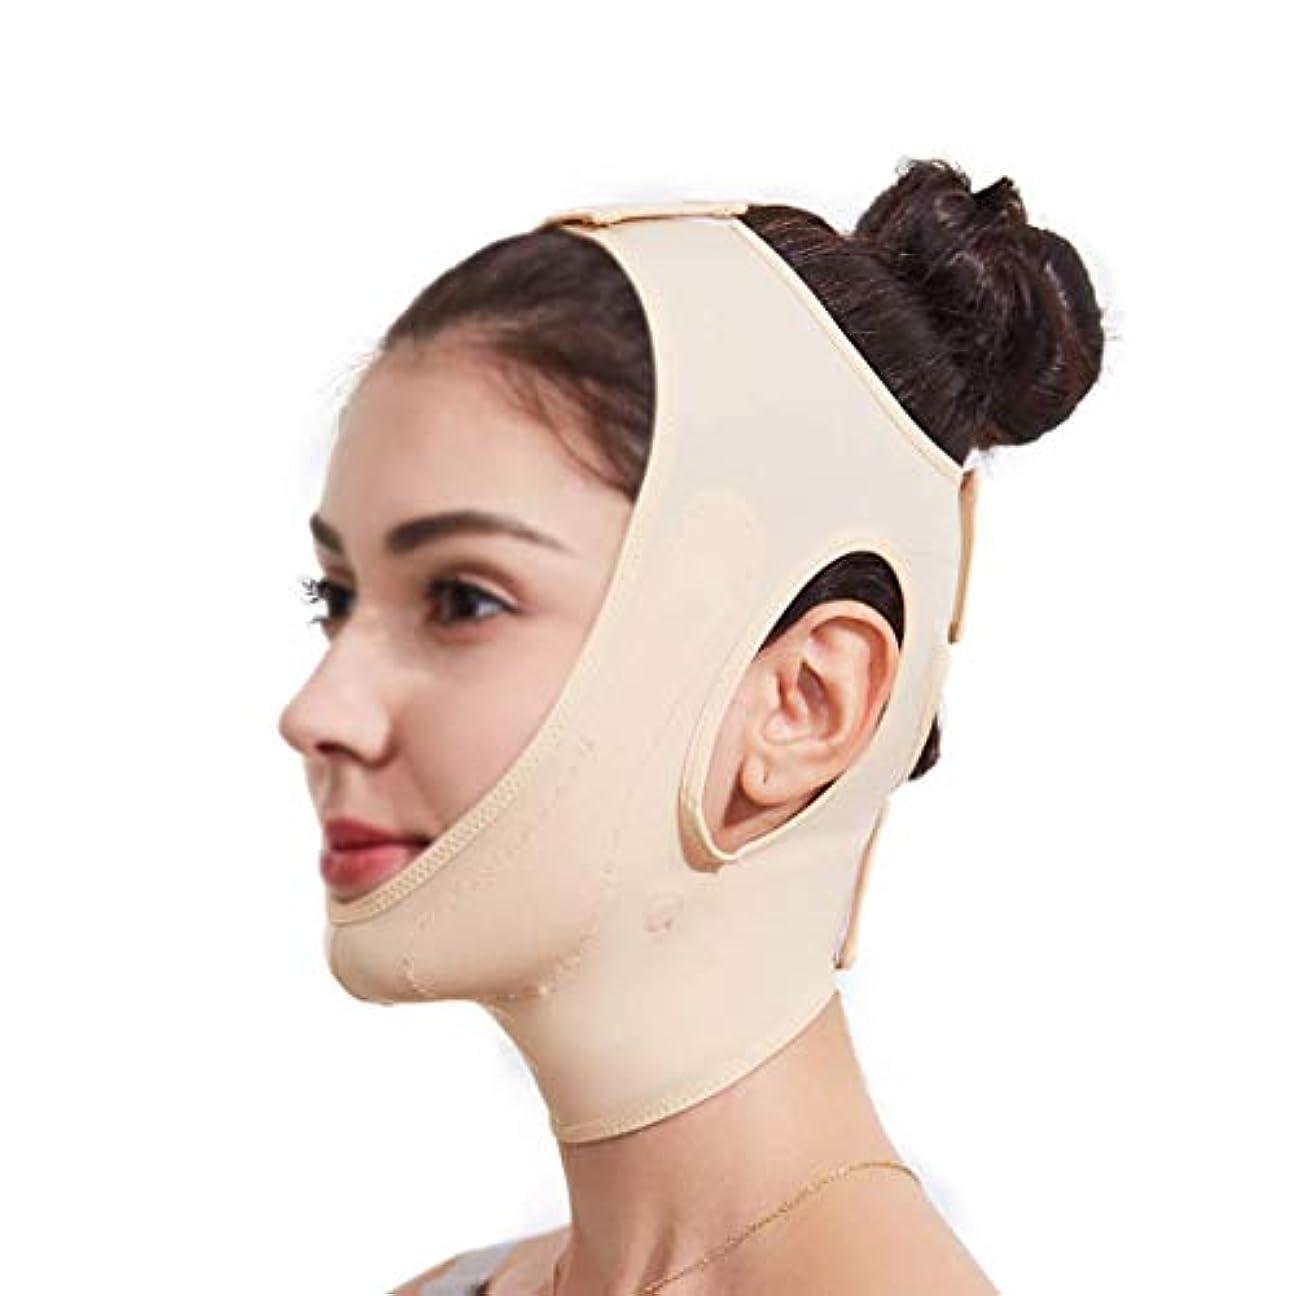 浪費プレゼンターメトリックフェイスリフティングマスク、360°オールラウンドリフティングフェイシャルコンター、あごを閉じて肌を引き締め、快適でフェイスライトをサポートし、通気性を保ちます(サイズ:ブラック),肌の色